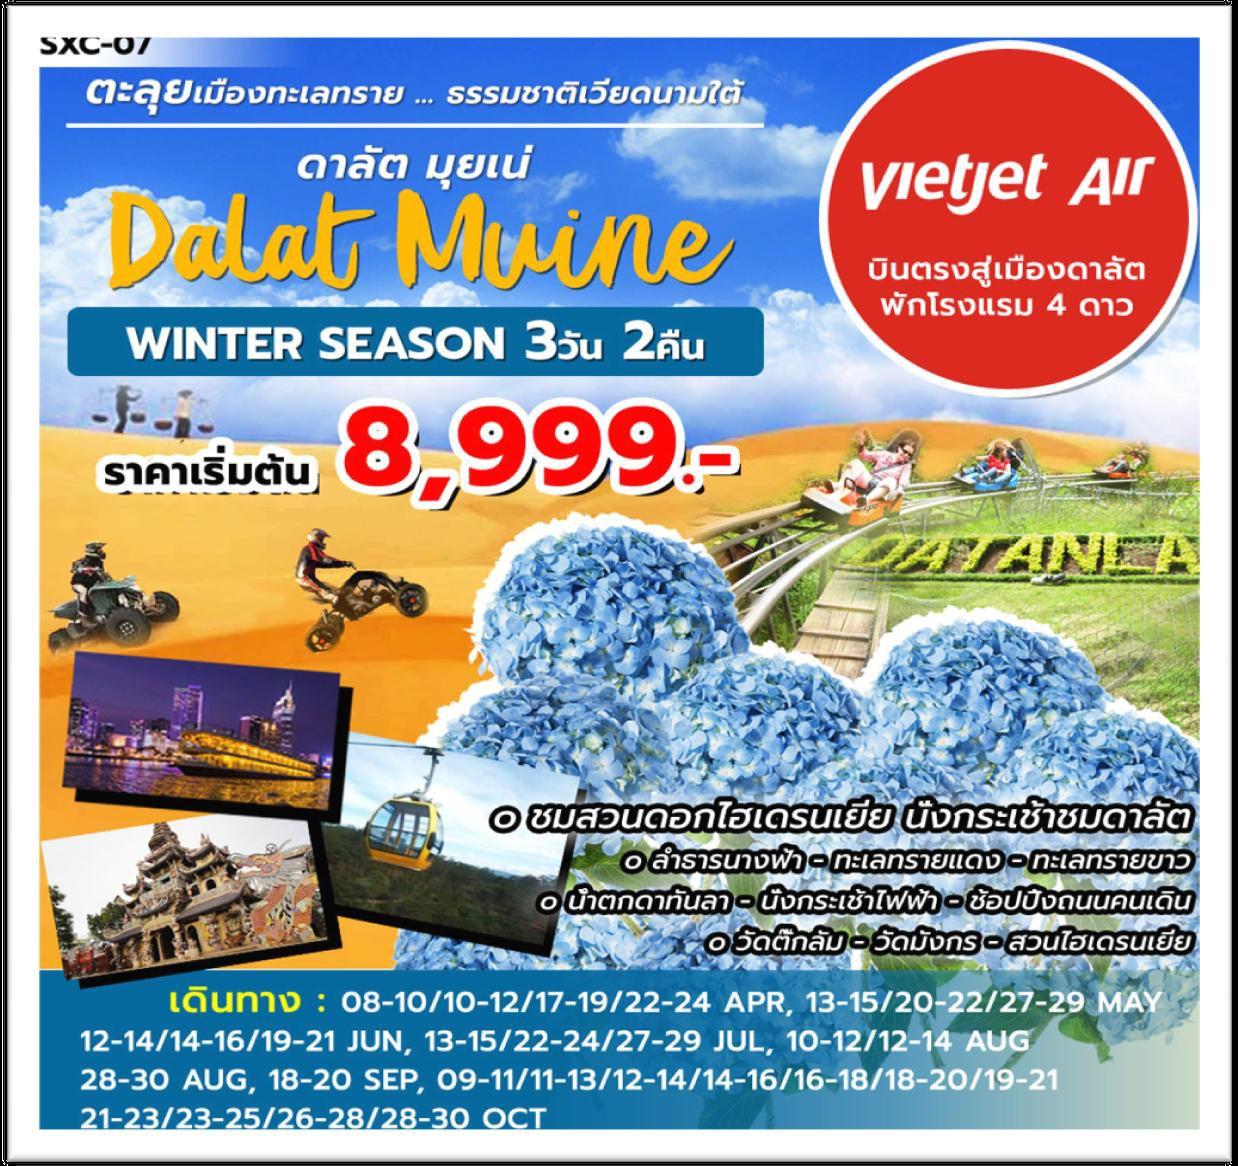 ทัวร์เวียดนาม เที่ยวเวียดนาม ดาลัด มุยเน่ 3วัน 2คืน โดยสายการบินVietjet Air (VZ)